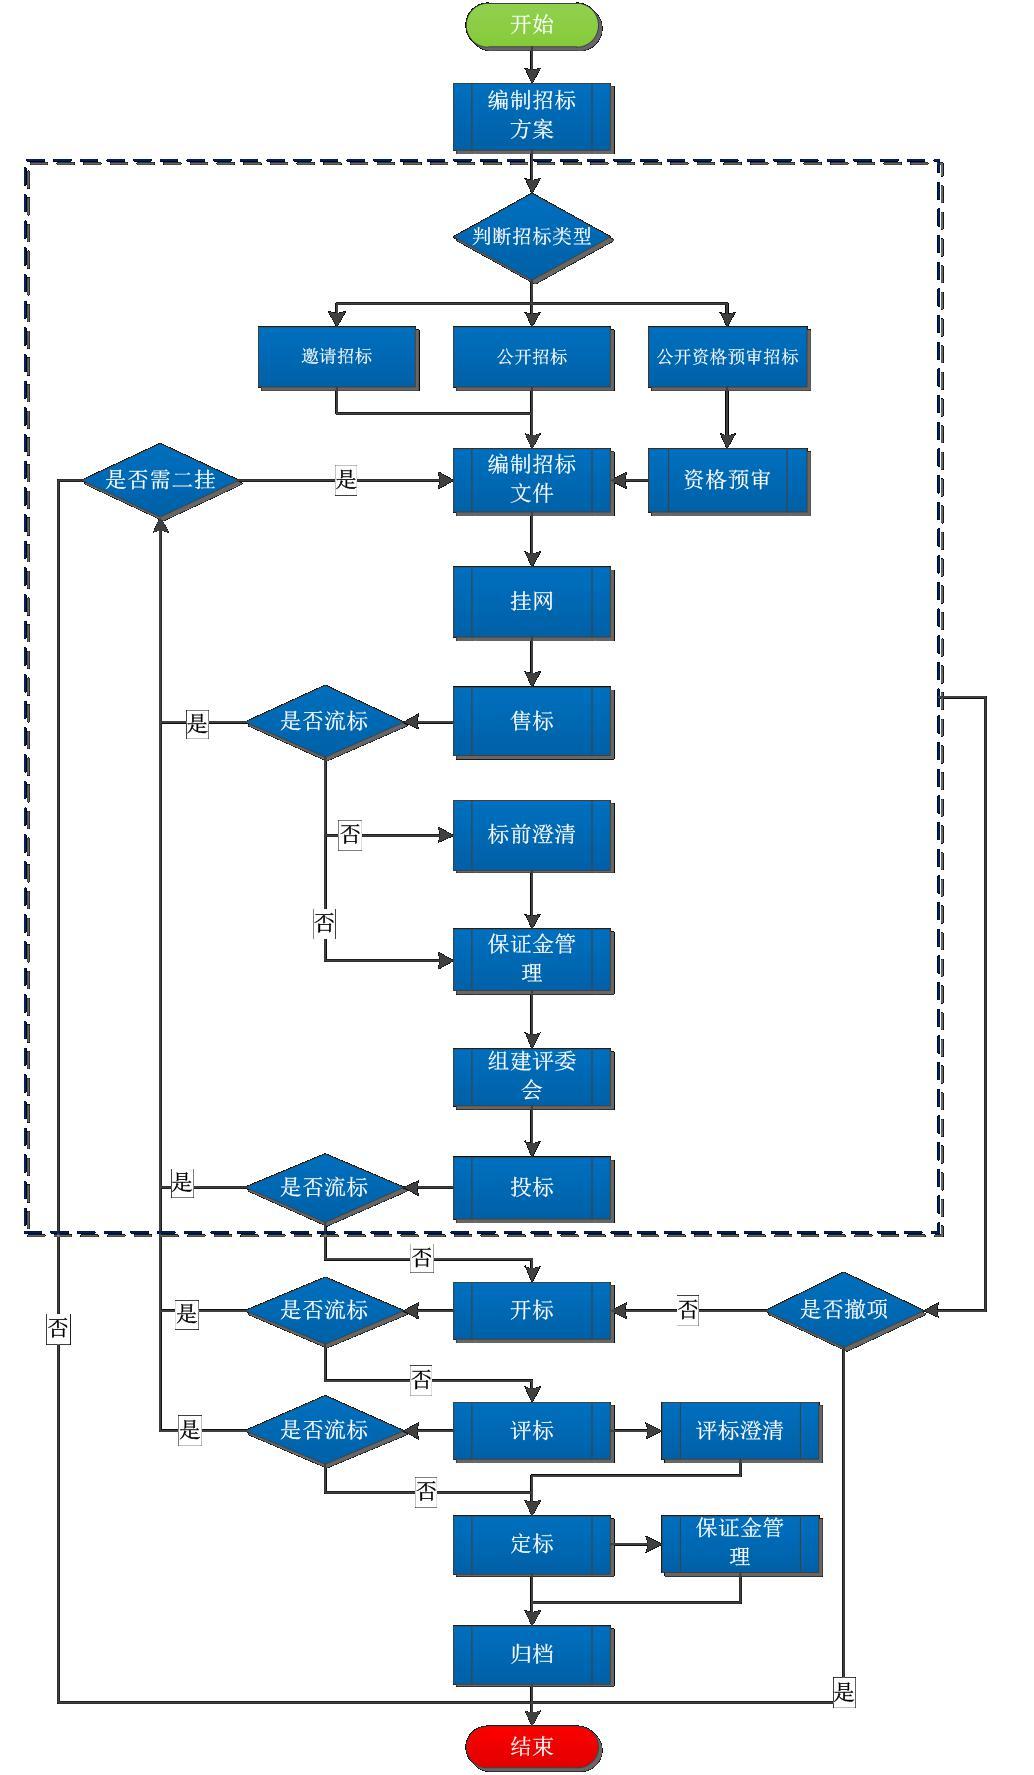 全流程电子招投标交易平台安全防护分析_科技_环球网